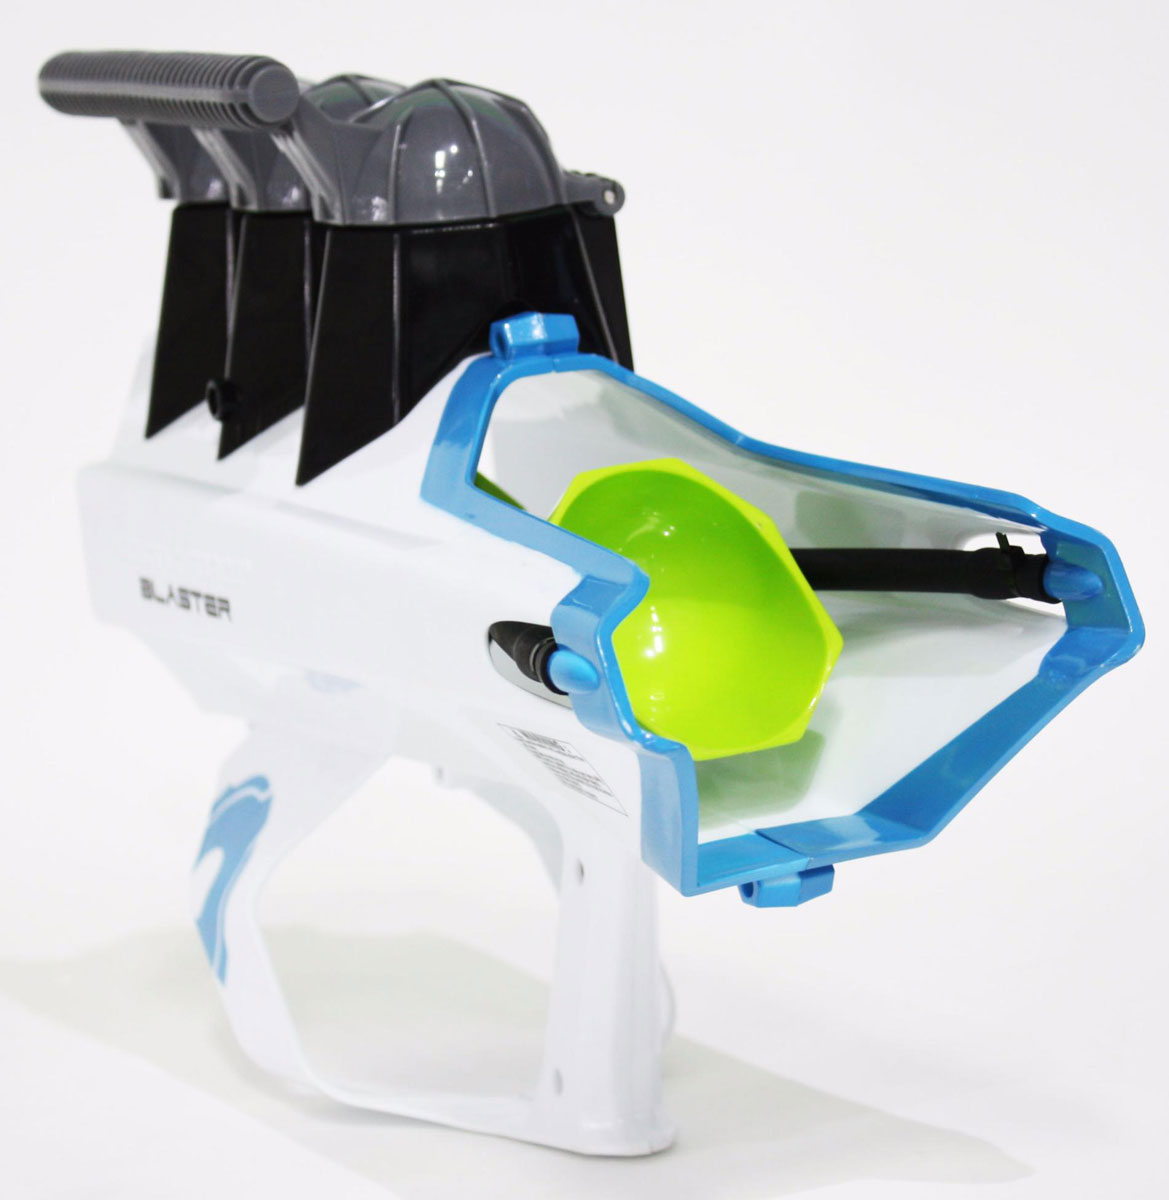 СнежкоБластер  Тройной  SnowBall Blaster, SB-38135 - Игры на открытом воздухе